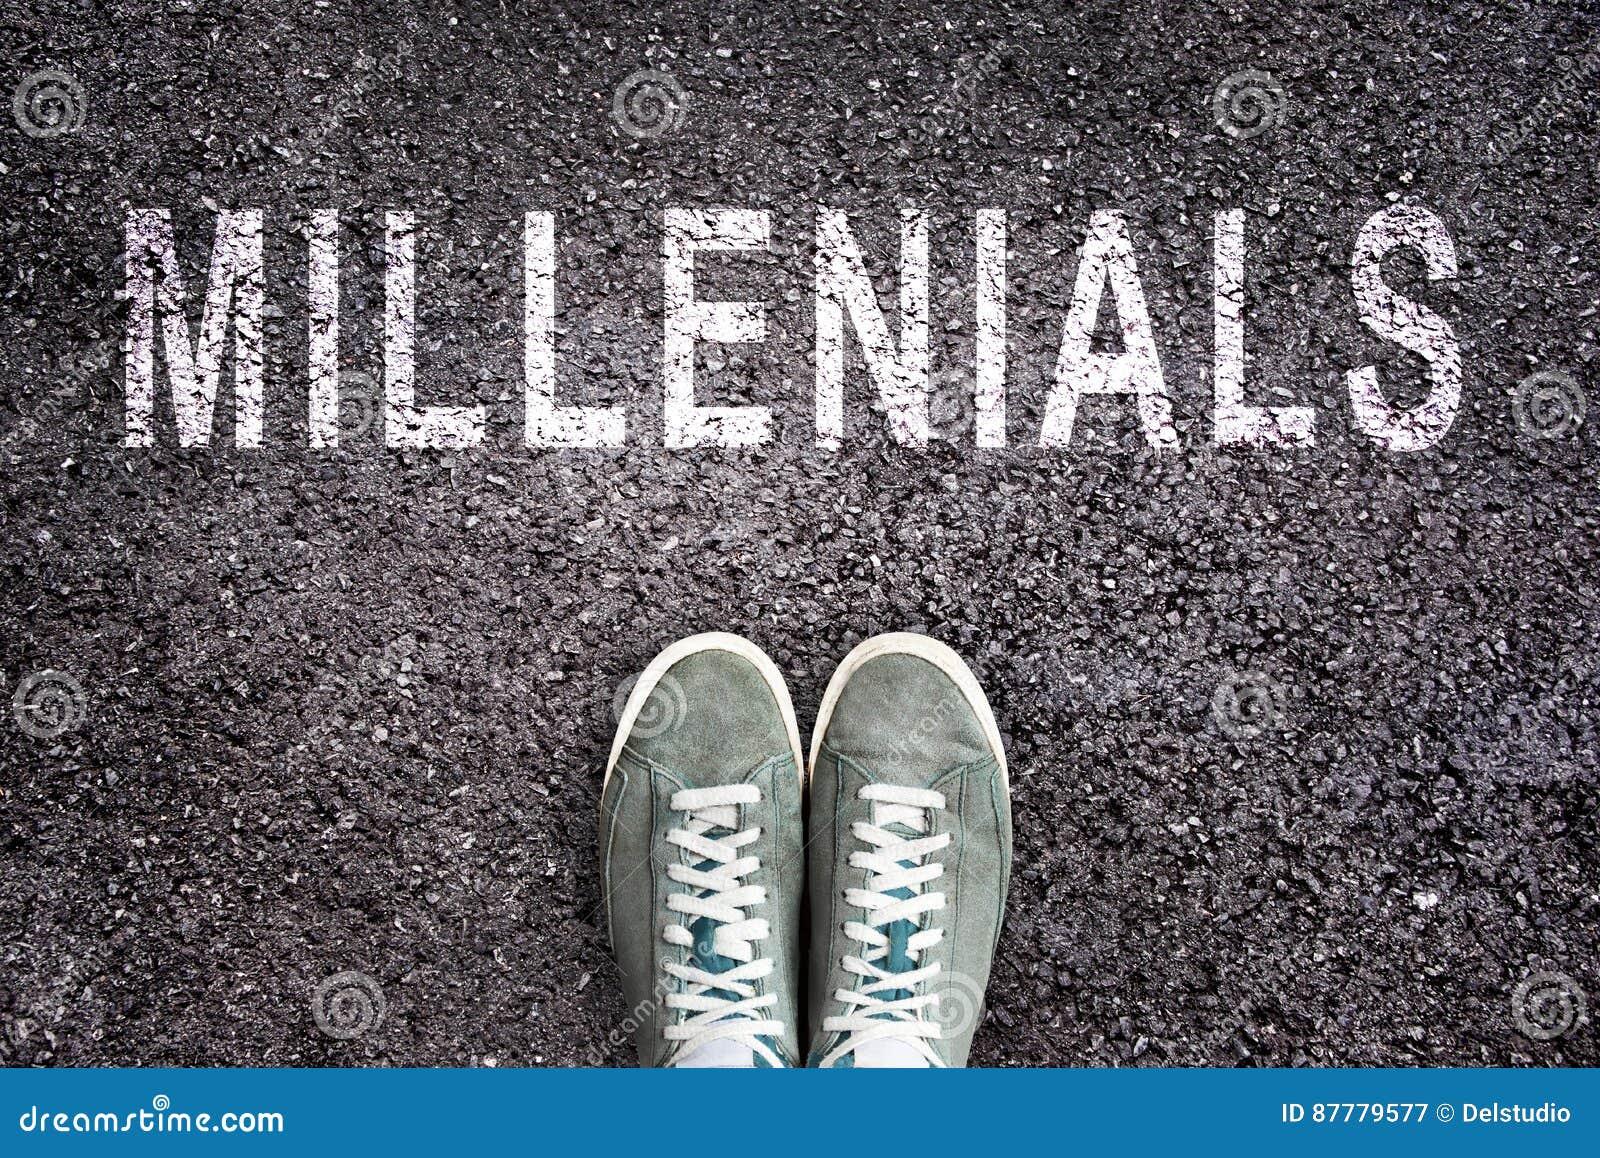 Text Millennials written on asphalt with shoes